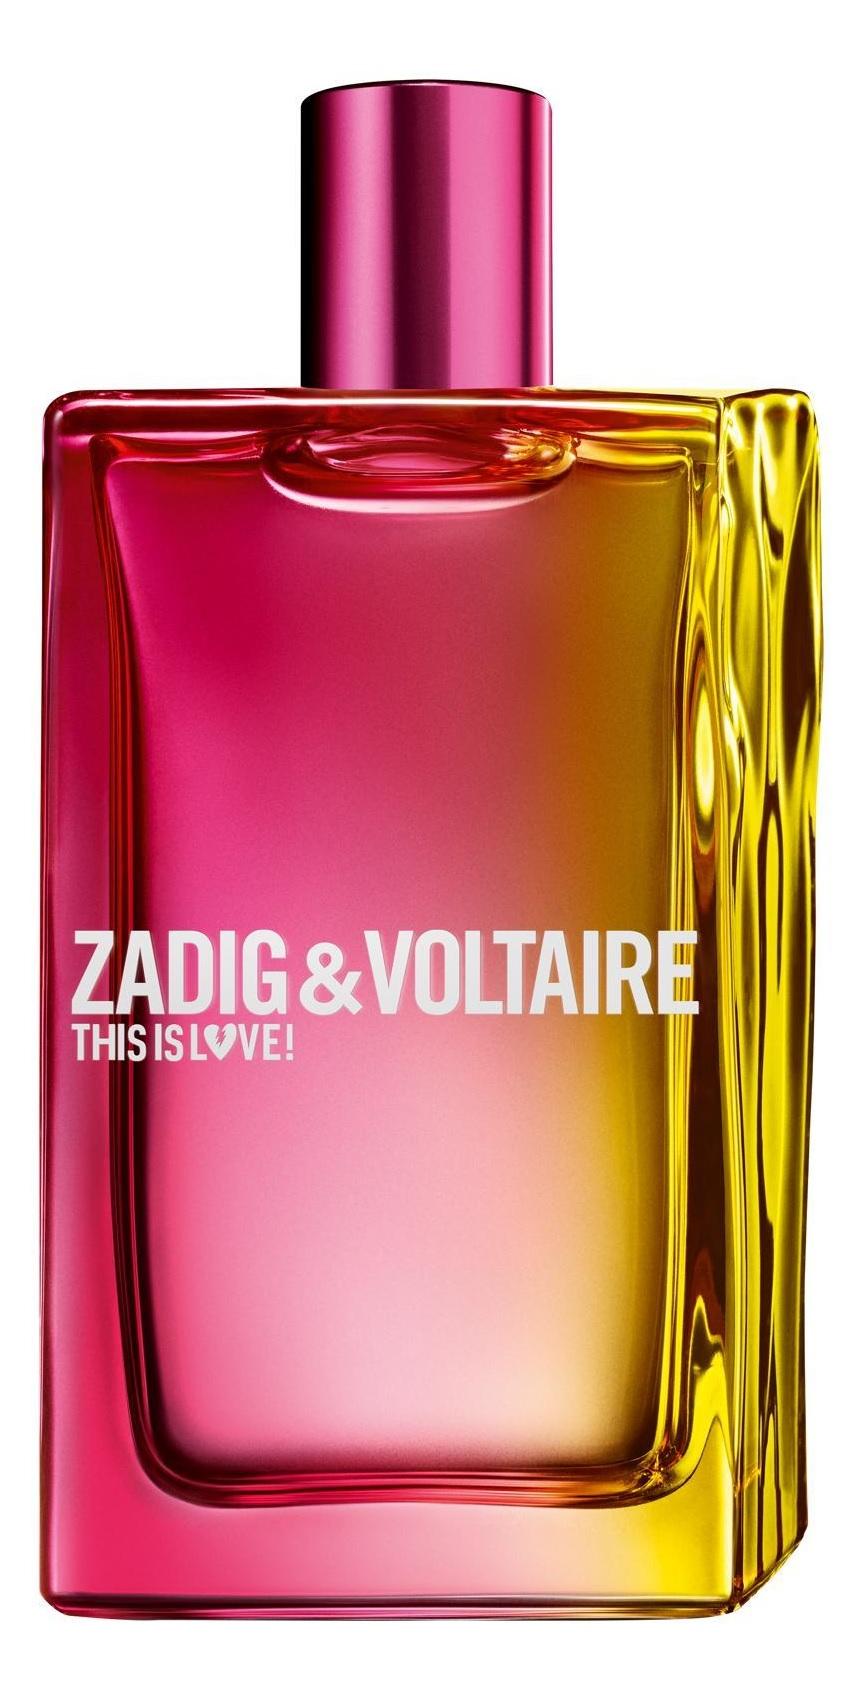 Zadig & Voltaire This Is Love!  Eau de Parfum